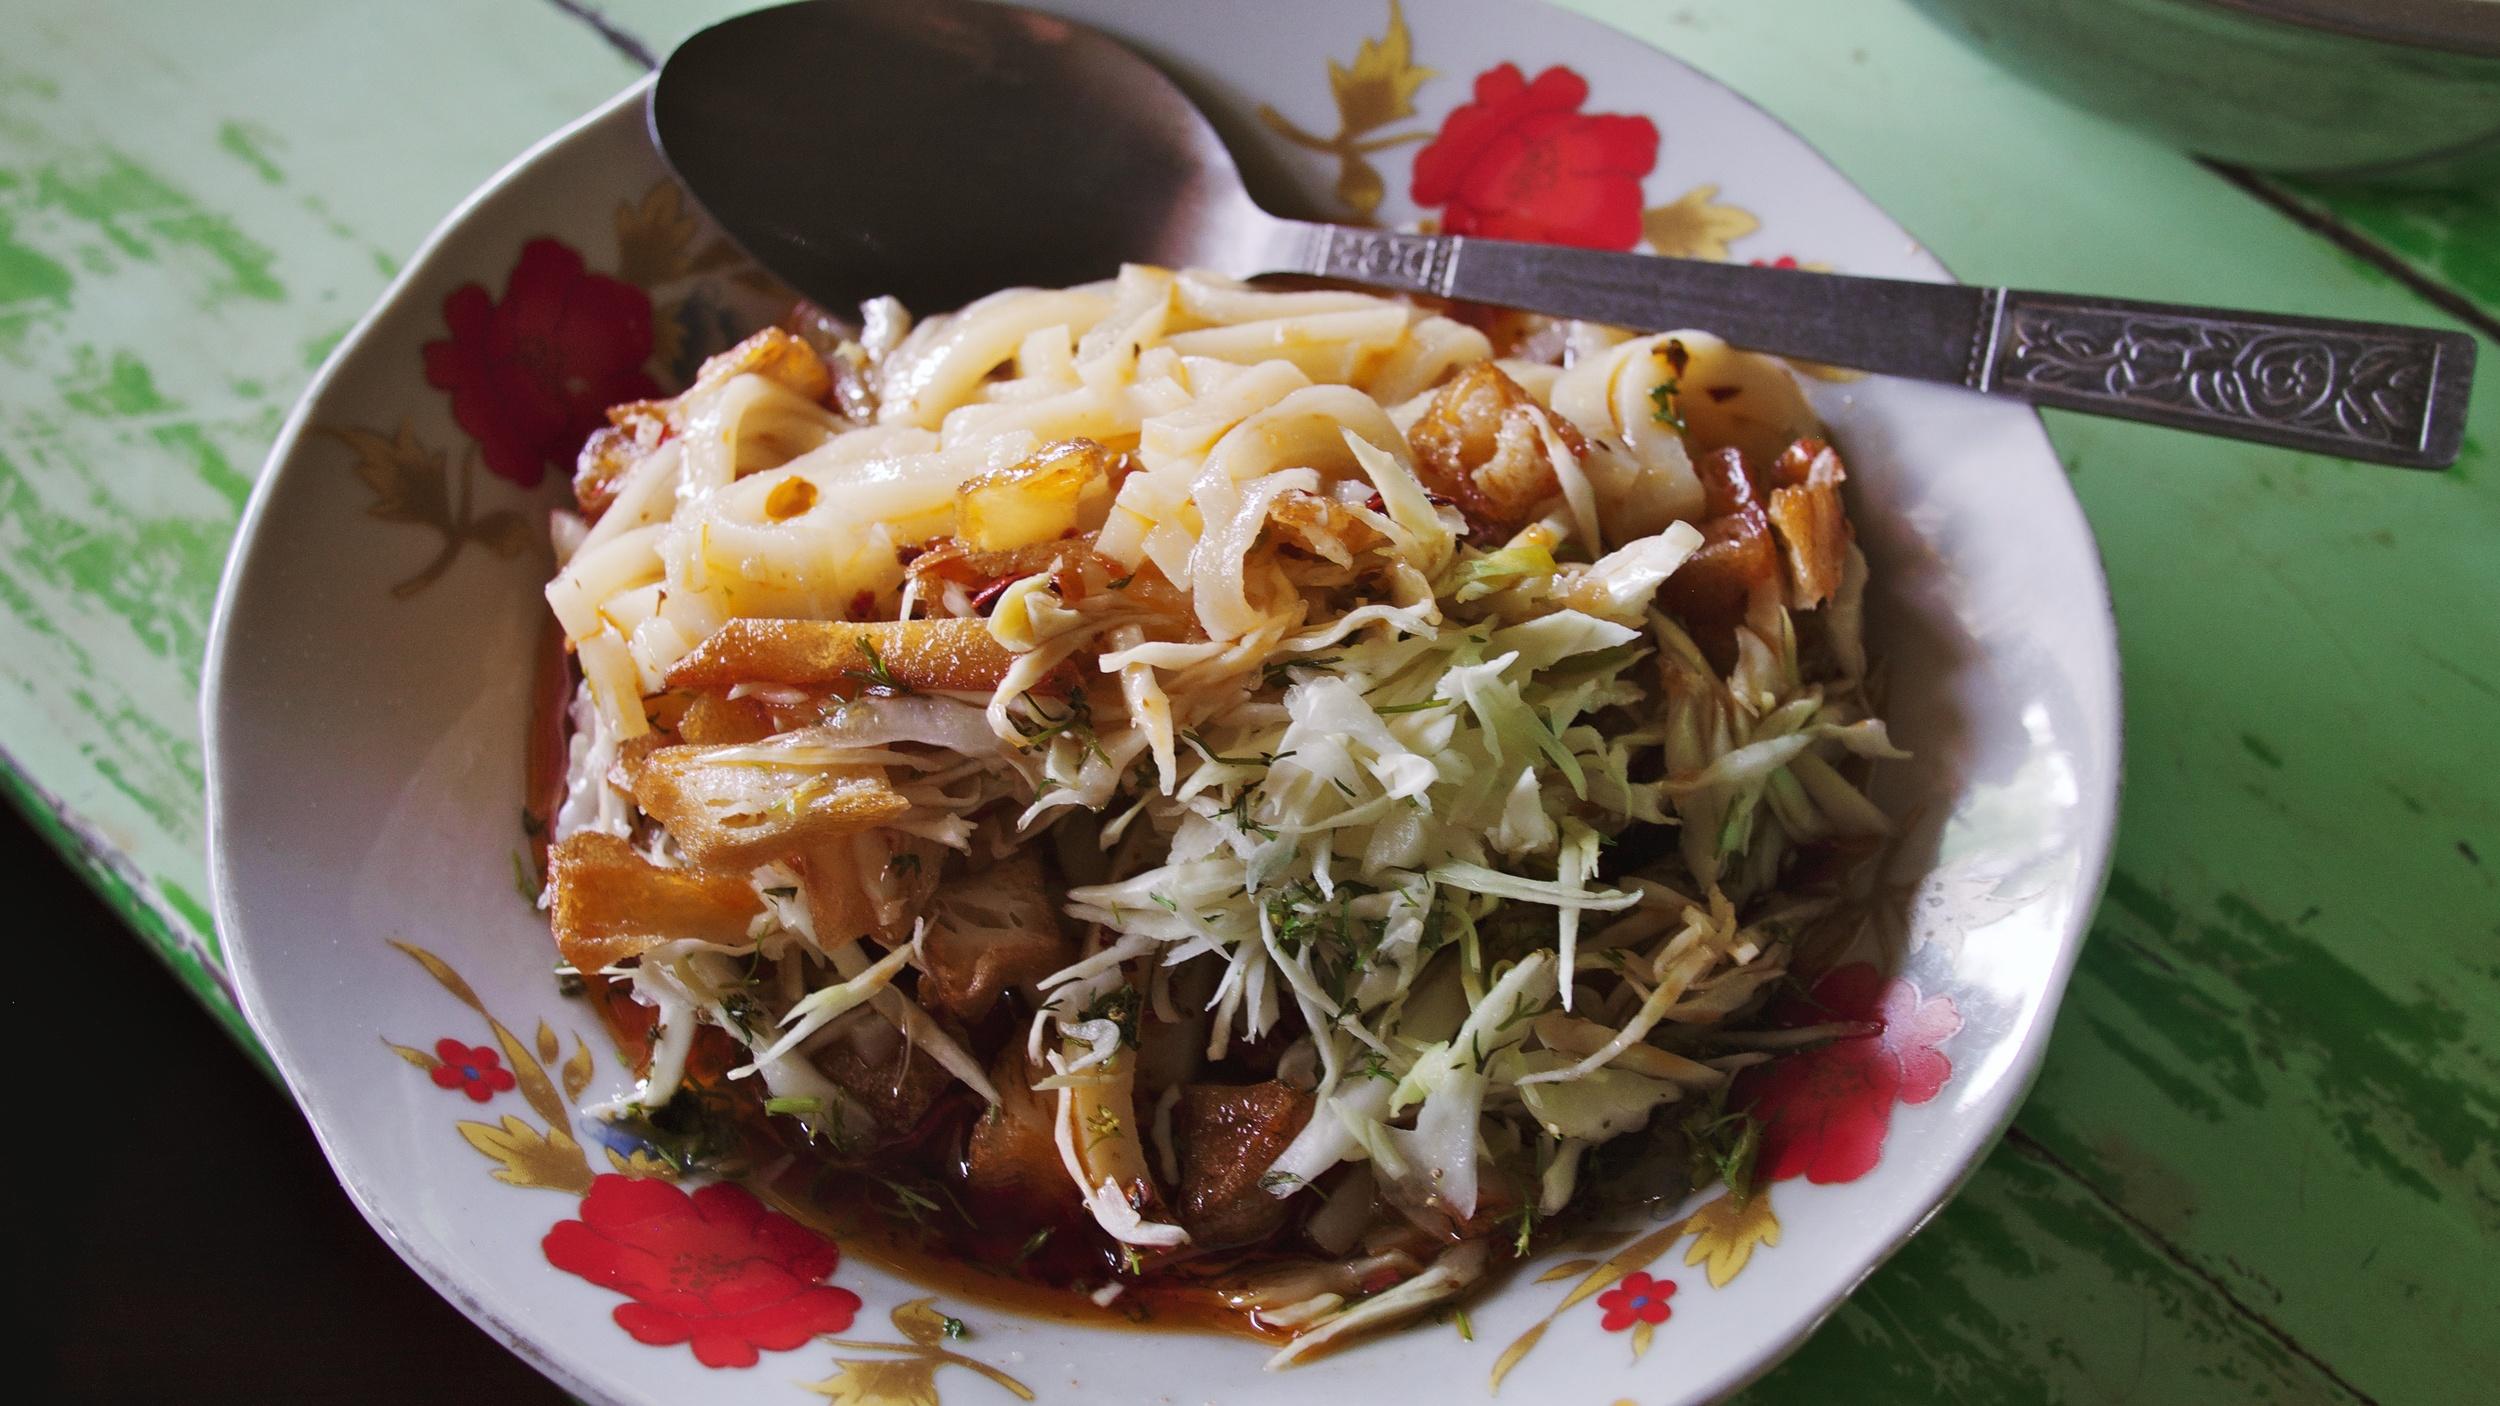 The famous tofu salad